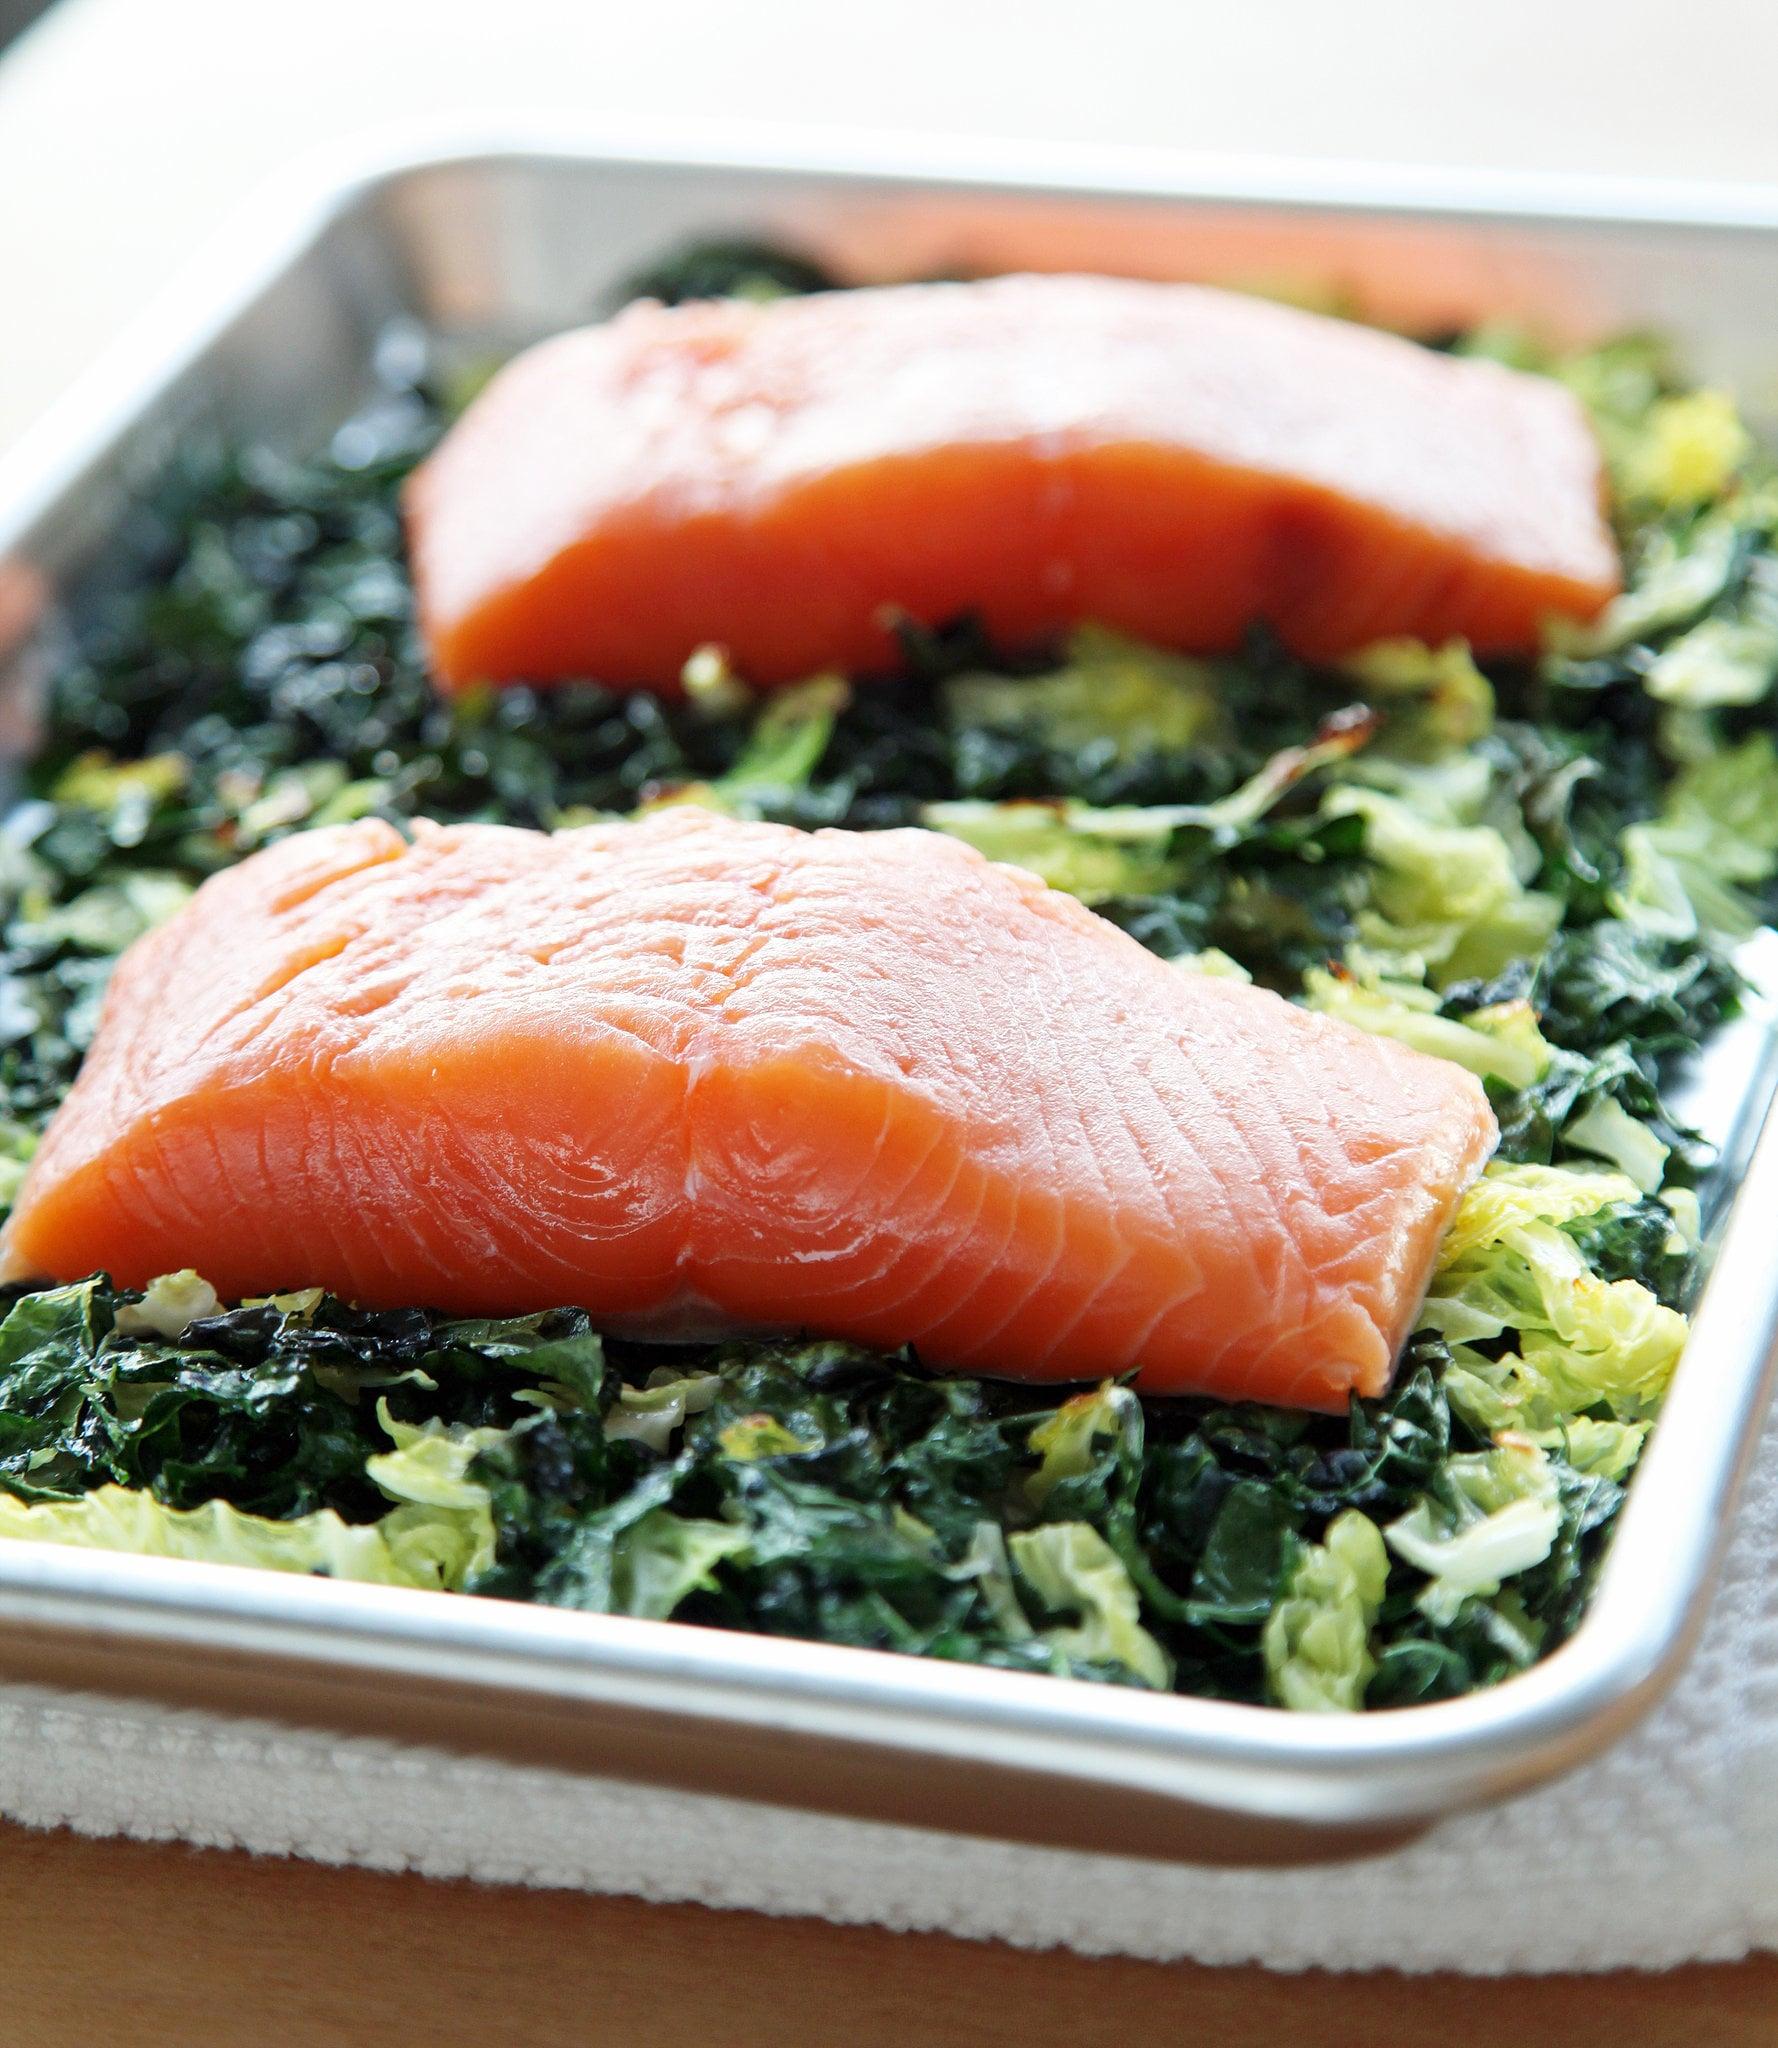 Alton Brown: Coated In A Citrus Glaze Per Usual, Alton Brown's Salmon  Recipe